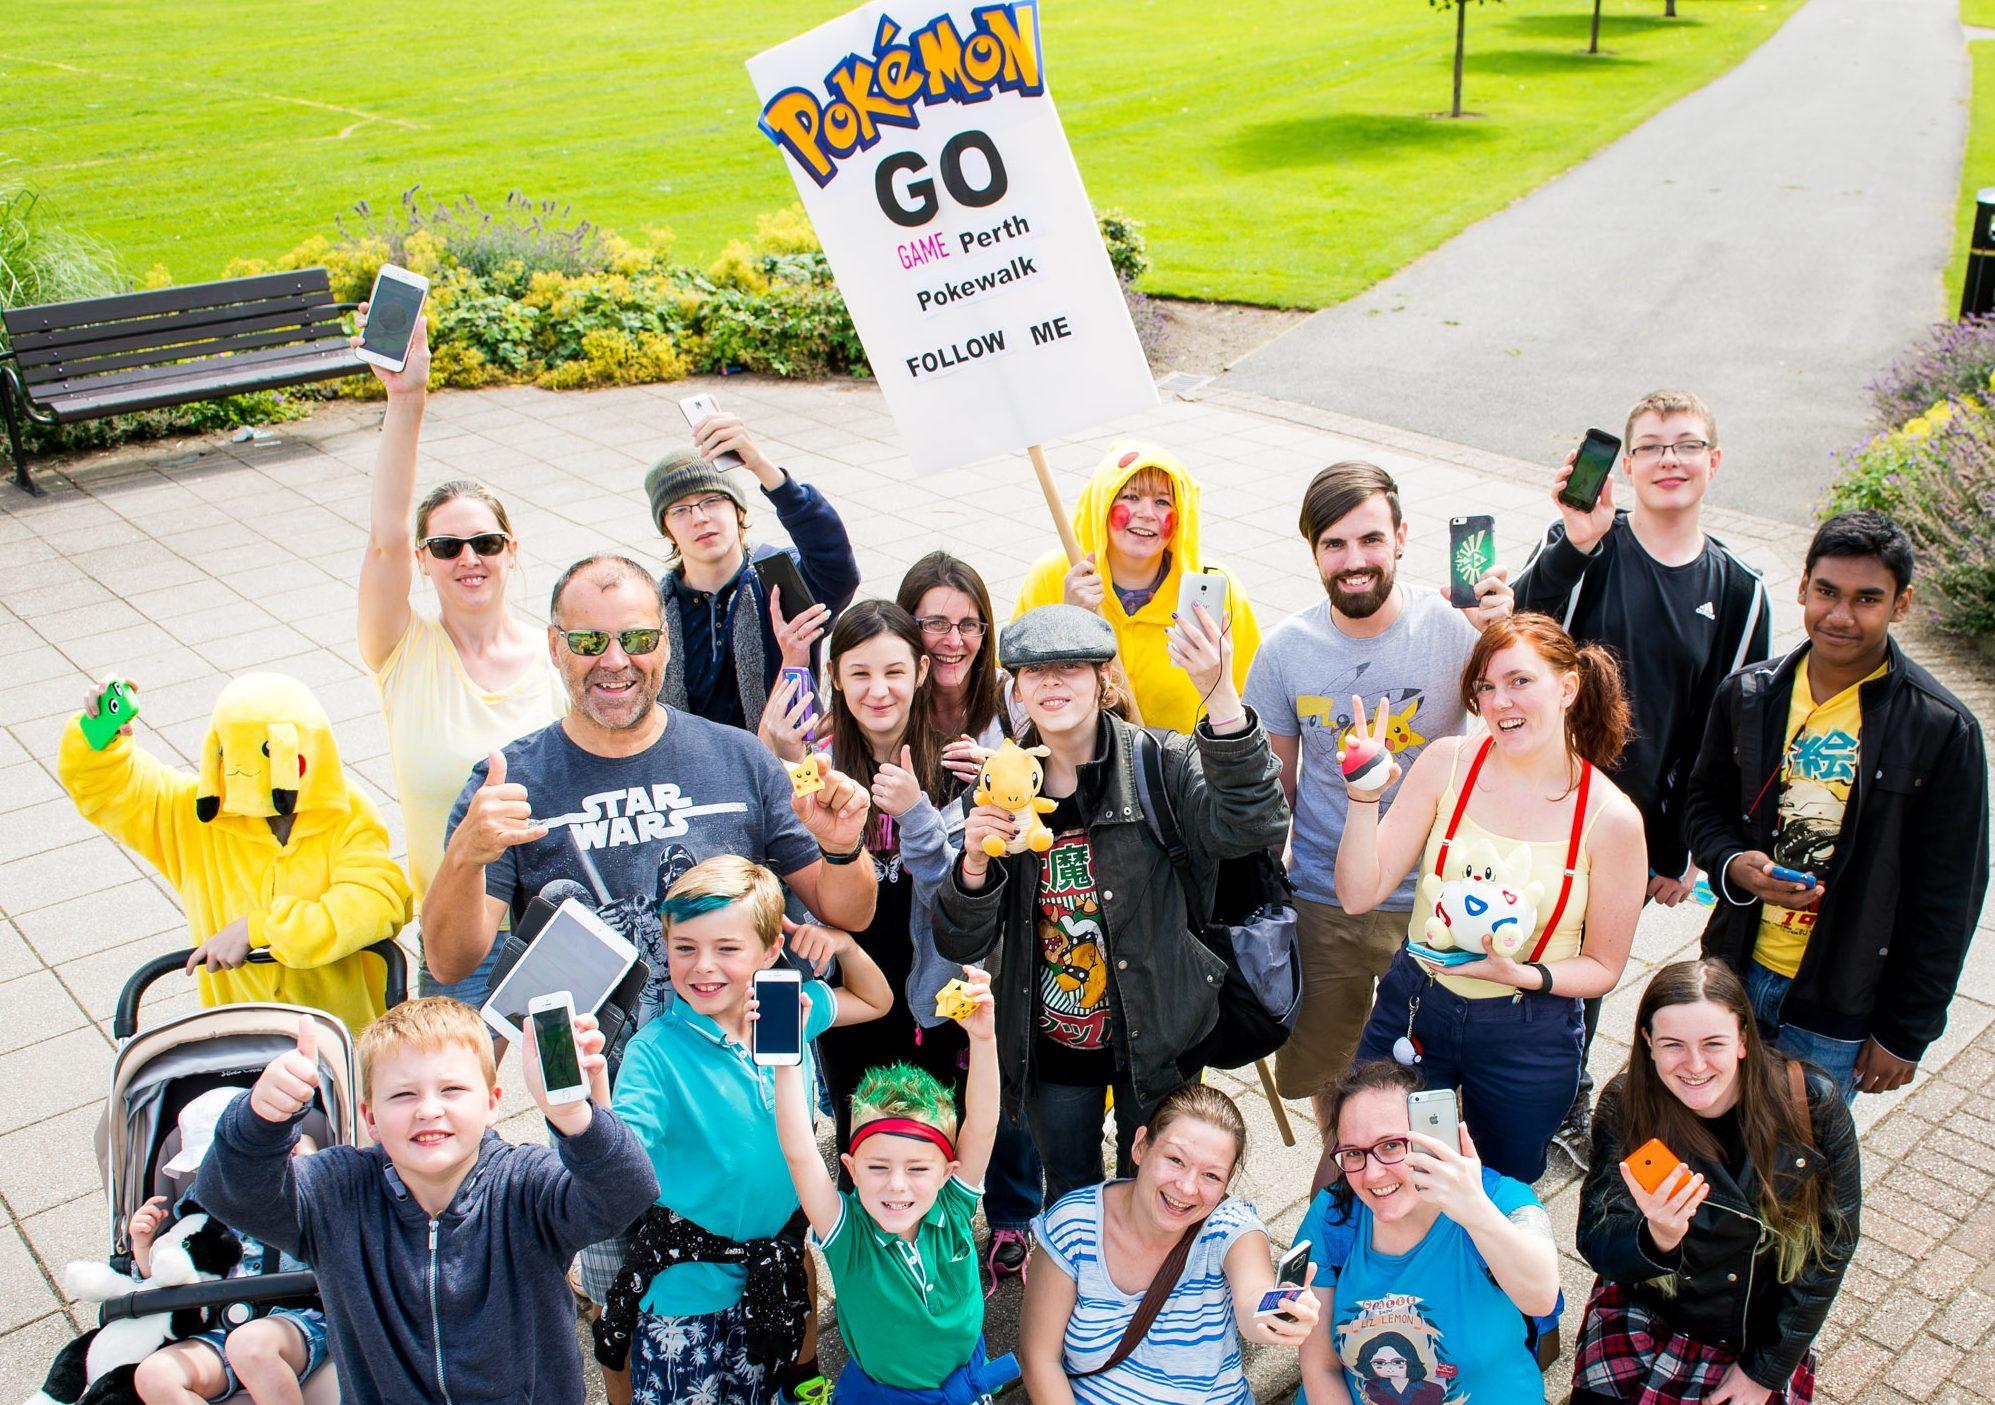 Gotta catch them all...participants in the Perth Pokemon Go walk.